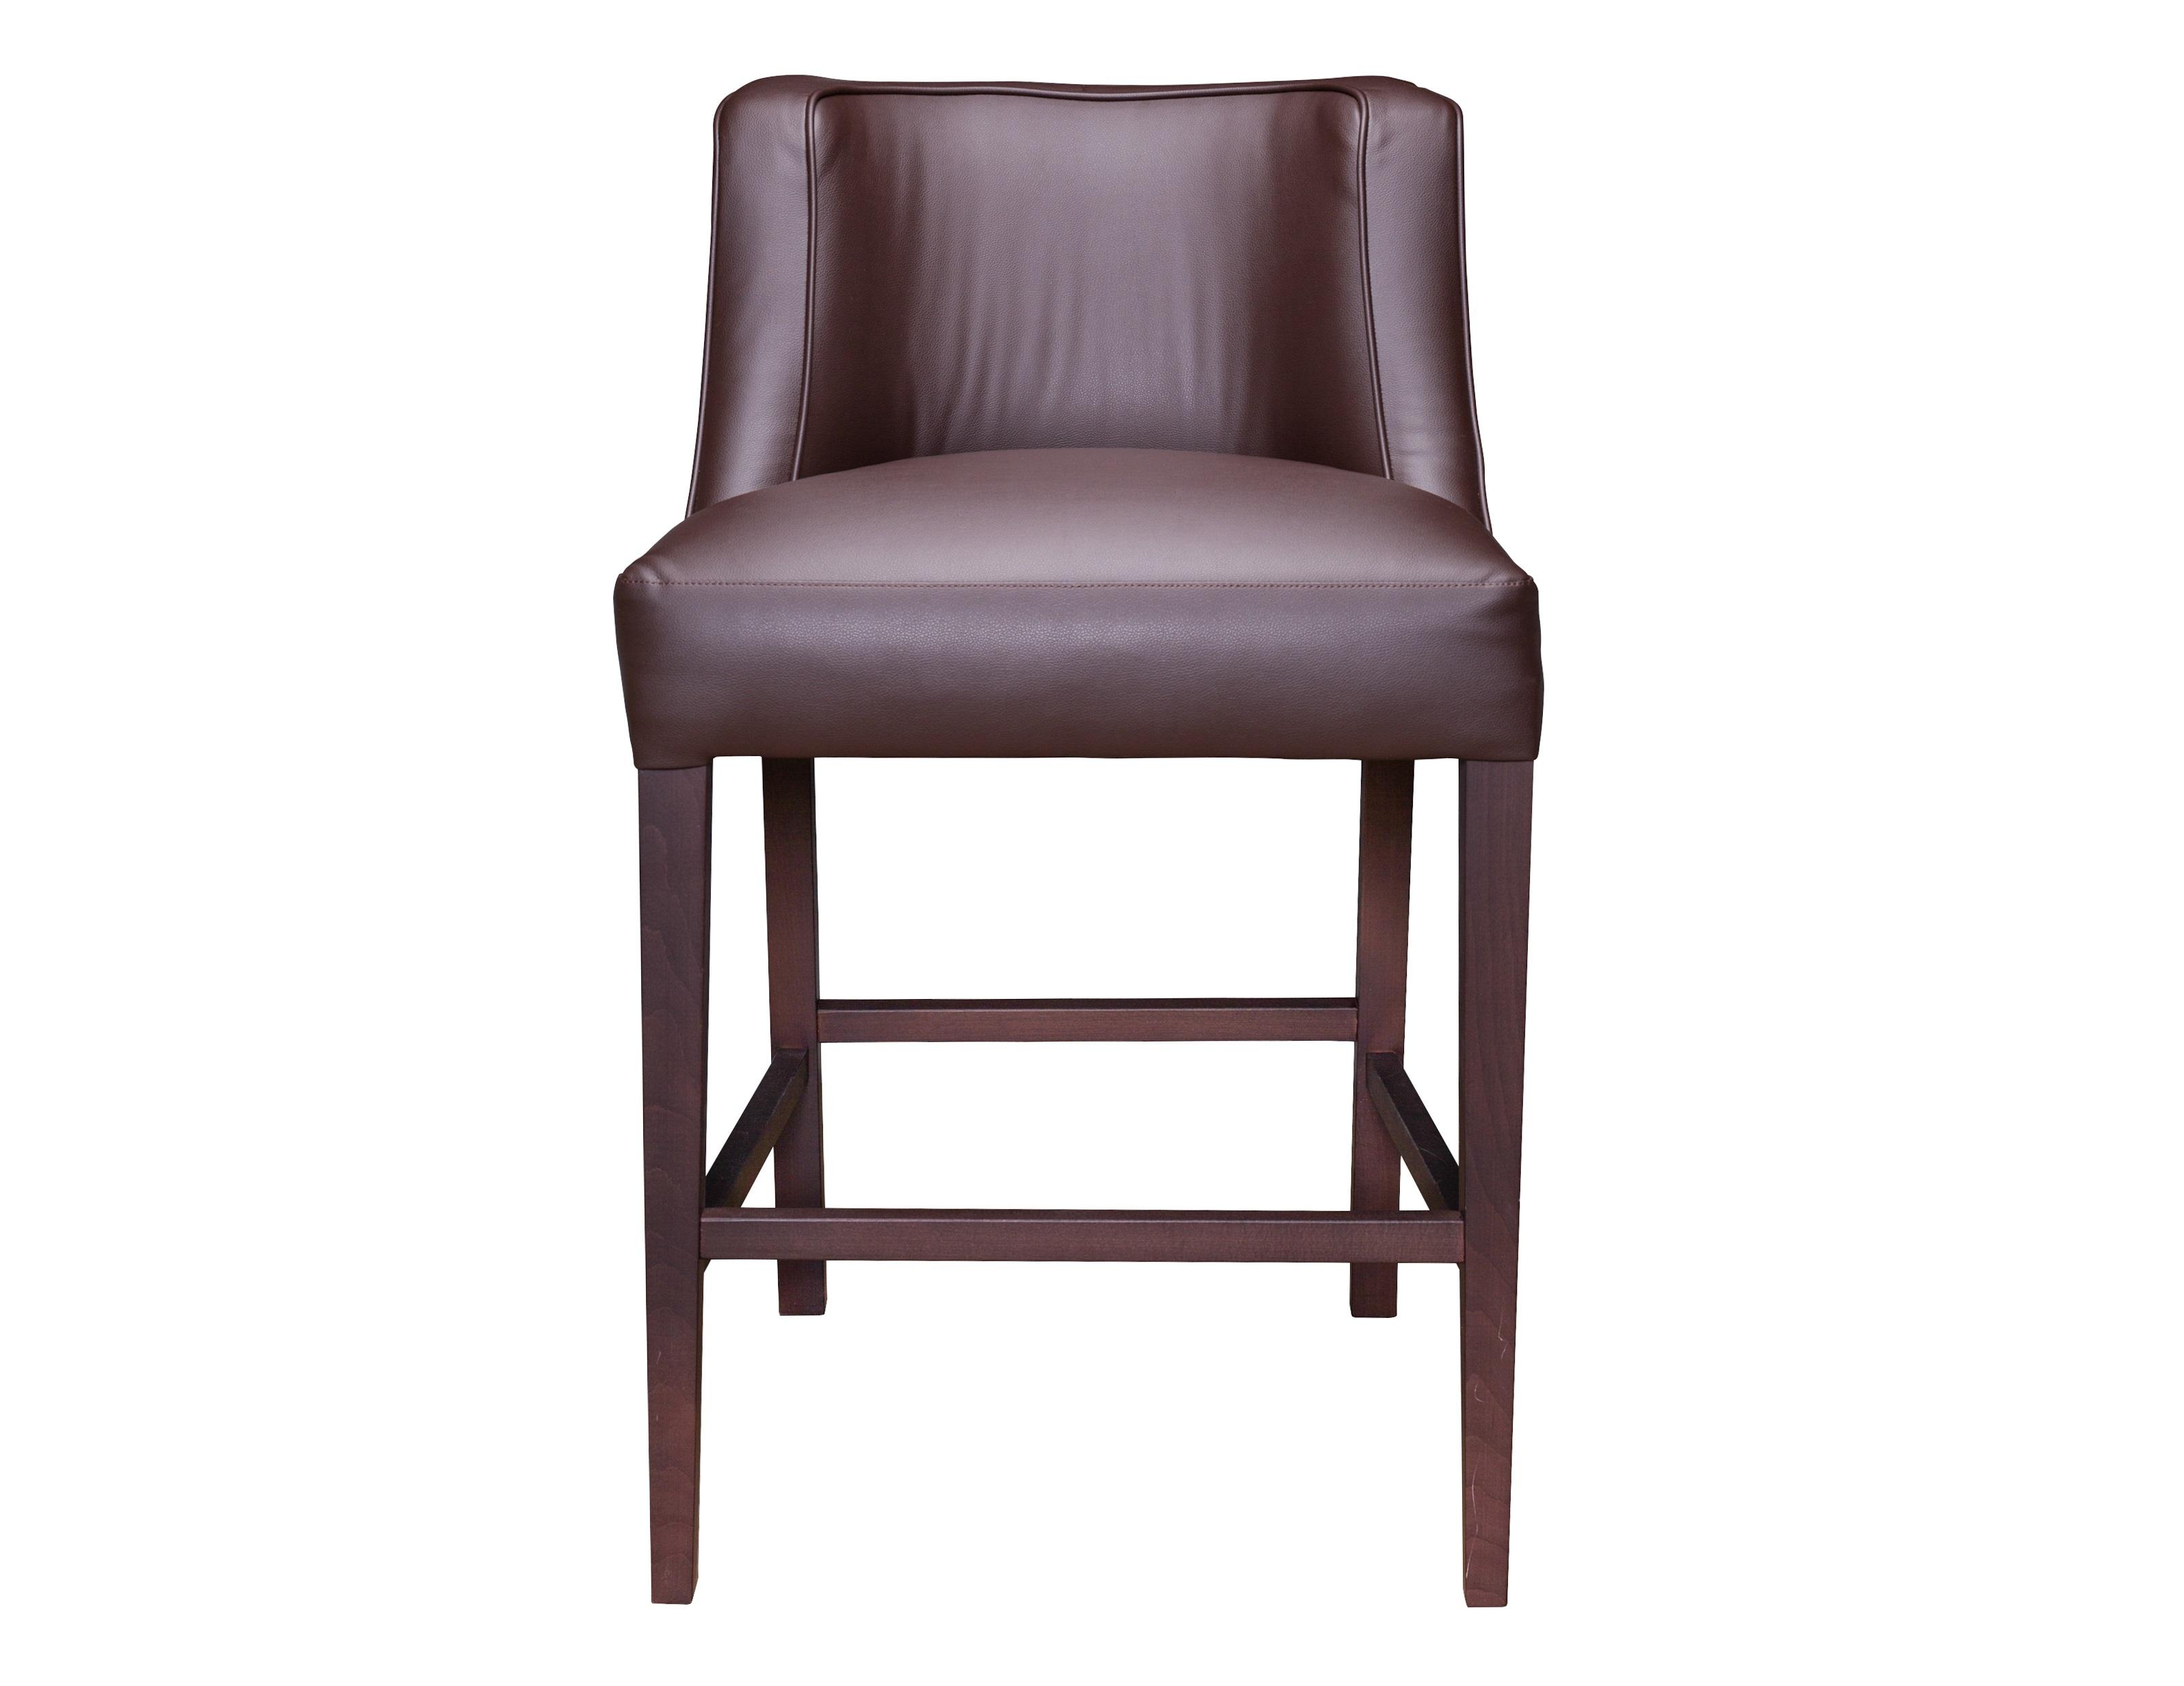 Стул Furnish Counter SБарные стулья<br>&amp;lt;div&amp;gt;Встречайте по одежке! В обивке из прочного твида, этот стул впечатлит любого ценителя стильной классики. Удобная спинка и прочный каркас из бука -- он прослужит вам долго.&amp;amp;nbsp;&amp;lt;/div&amp;gt;&amp;lt;div&amp;gt;Более 200 вариантов цвета для любых пространств: от компактной кухни до дегустационного зала энотеки.&amp;amp;nbsp;&amp;lt;/div&amp;gt;&amp;lt;div&amp;gt;&amp;lt;br&amp;gt;&amp;lt;/div&amp;gt;&amp;lt;div&amp;gt;Высота сидения 66 см. (высота столешницы 90 см).&amp;amp;nbsp;&amp;lt;/div&amp;gt;&amp;lt;div&amp;gt;В этой же коллекции есть Furnish Counter с высотой сиденья 79 см. (высота столешницы 120 см).&amp;amp;nbsp;&amp;lt;/div&amp;gt;&amp;lt;div&amp;gt;Ножки: бук, обивка: текстиль, экокожа (стоимость натуральной кожи уточняйте у менеджера).&amp;lt;/div&amp;gt;<br><br>Material: Кожа<br>Width см: 53<br>Depth см: 58<br>Height см: 90